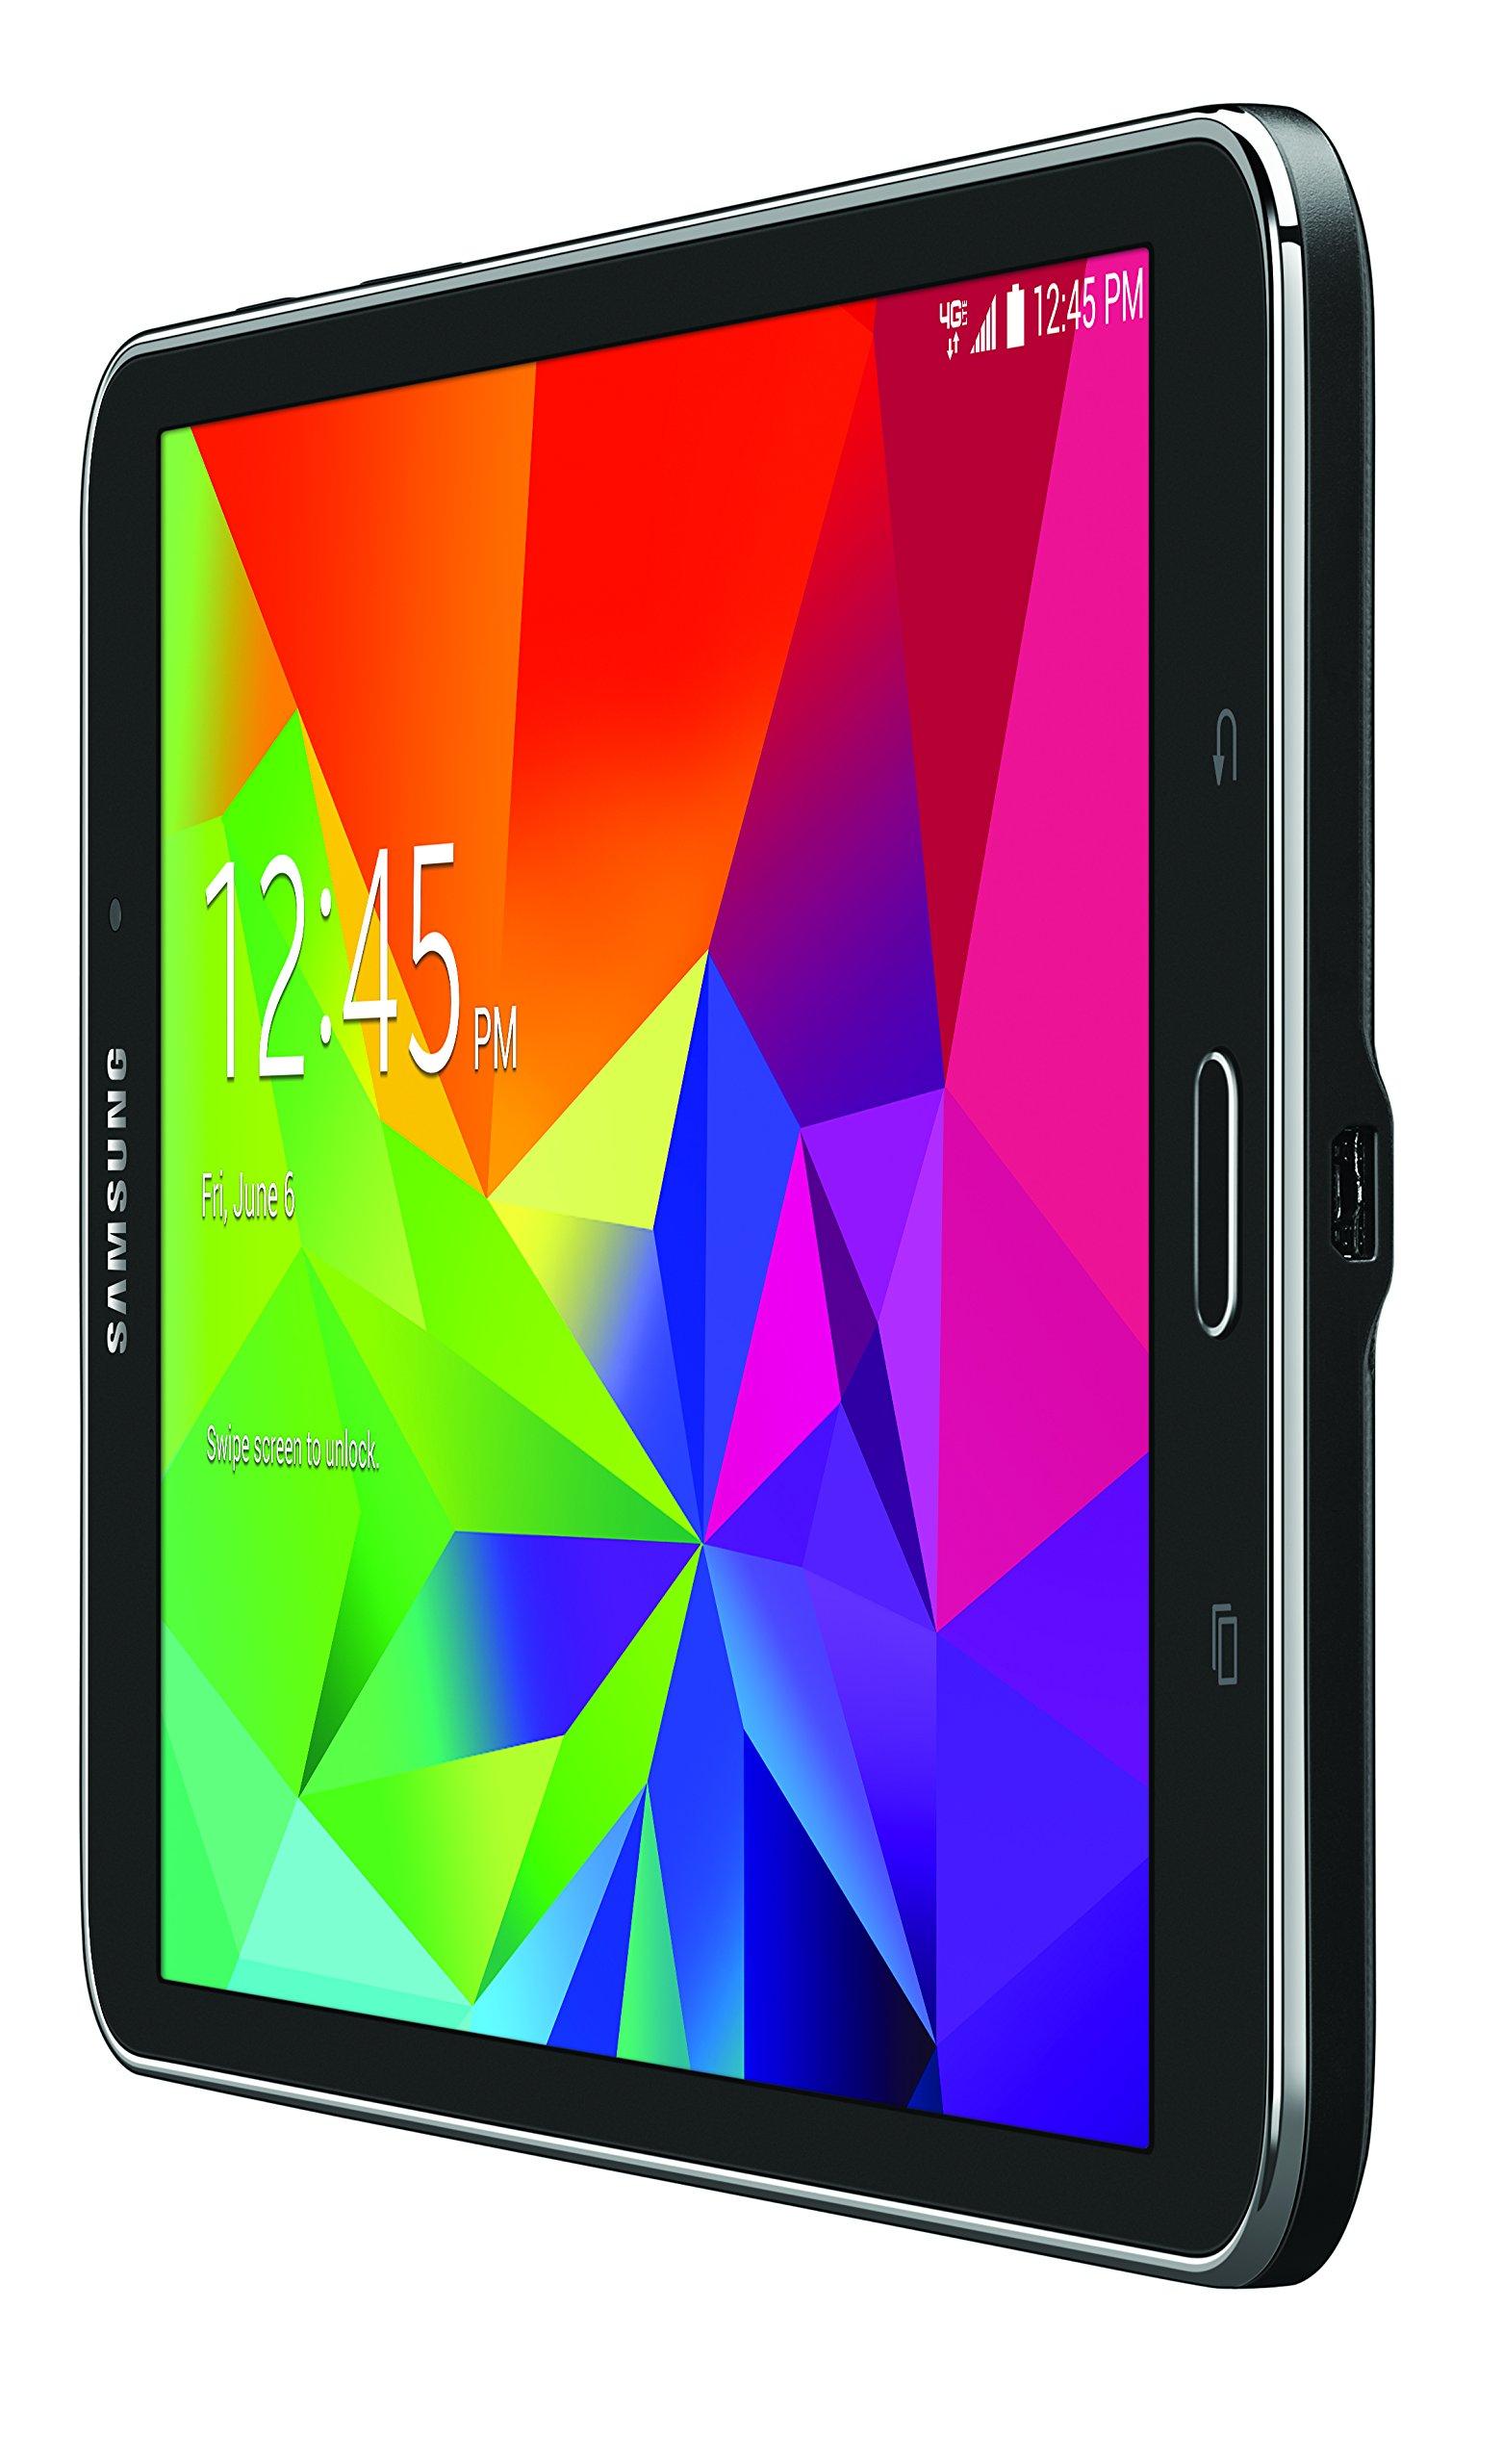 Samsung Galaxy Tab 4 4G LTE Tablet, Black 8-Inch 16GB